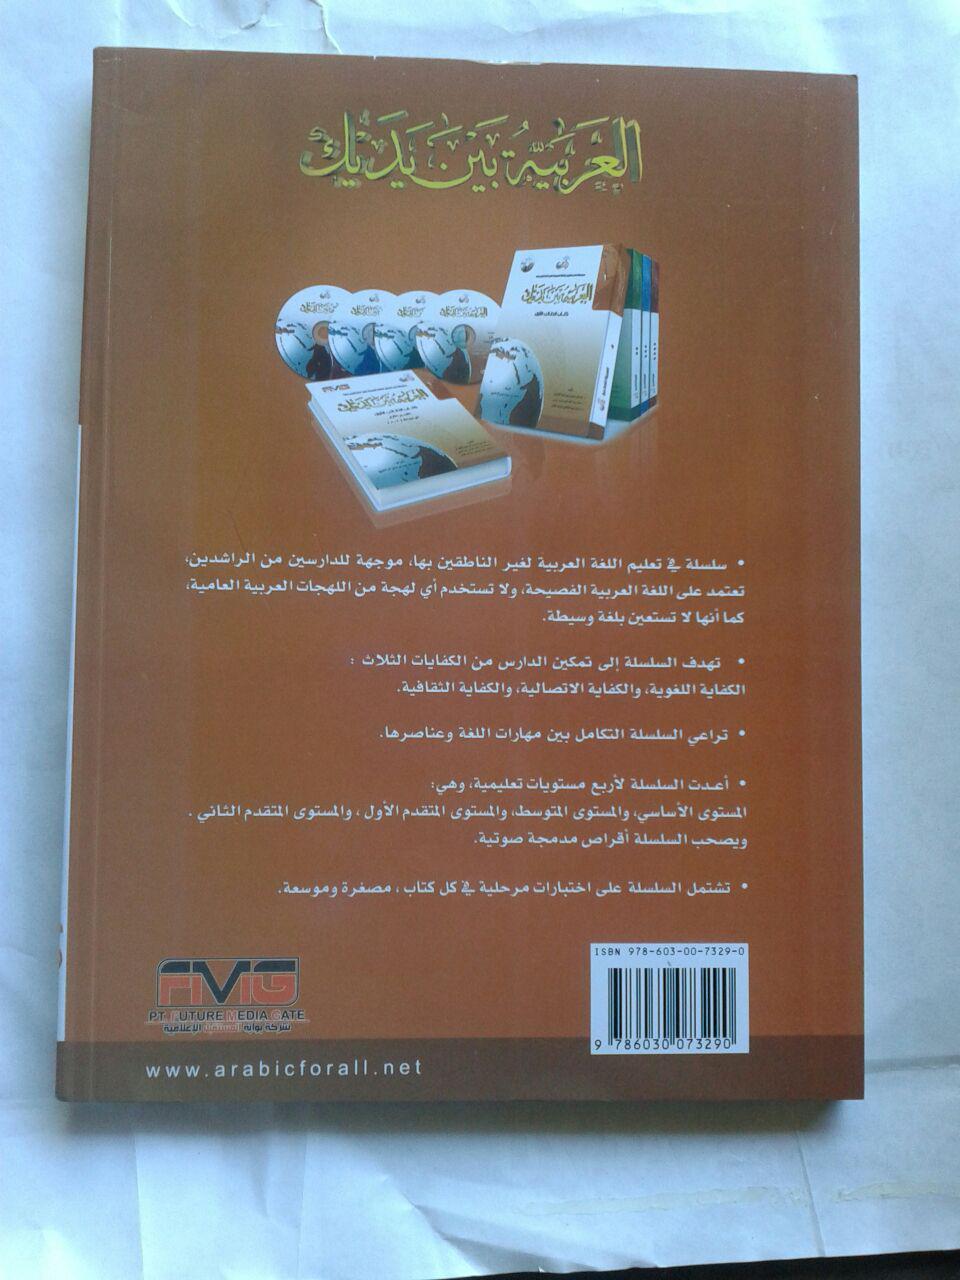 Kitab Al-Arabiyah Baina Yadaik Set 4 Jilid cover 5